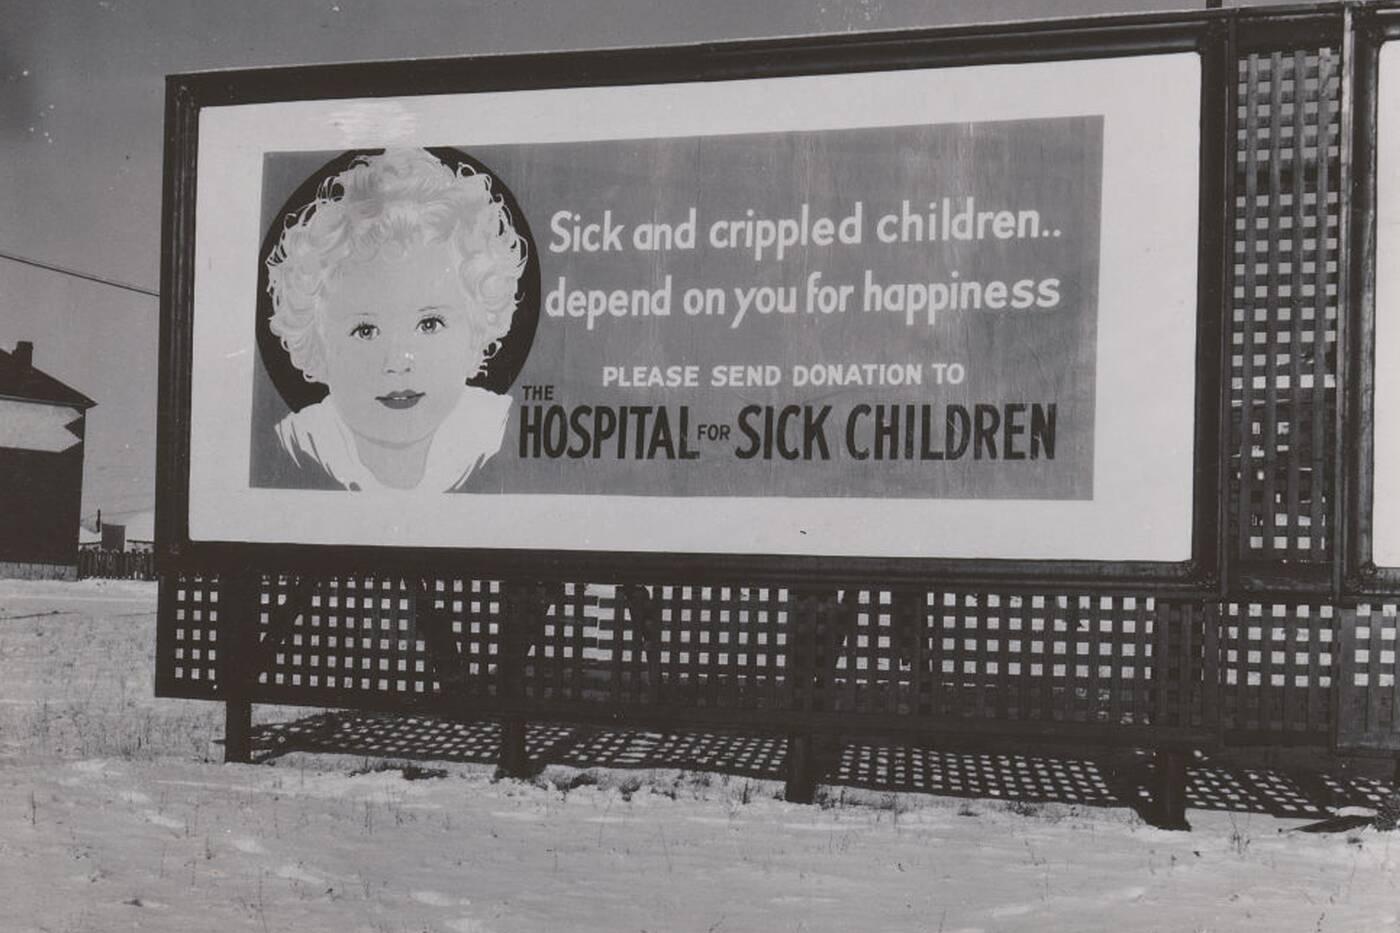 sickkids hospital